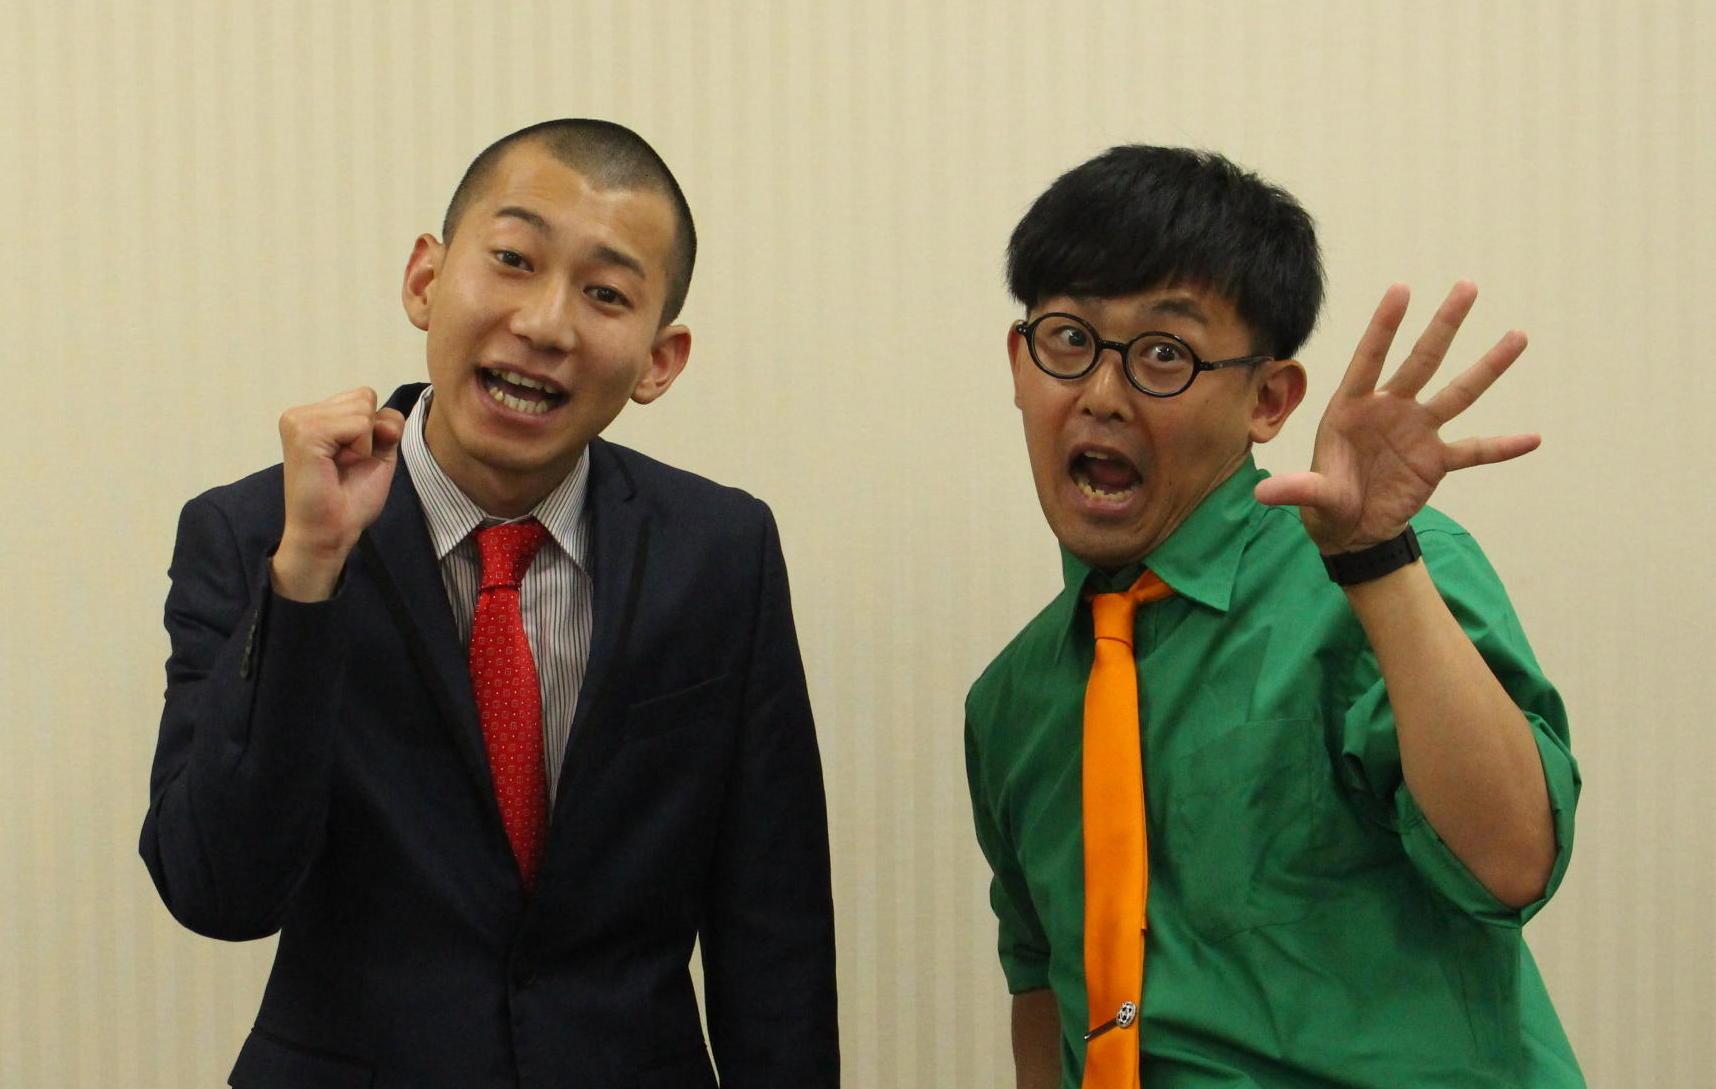 http://47web.jp/shizuoka/uploads/d8daebceab562ecf5f583652e629b9251b527311.JPG